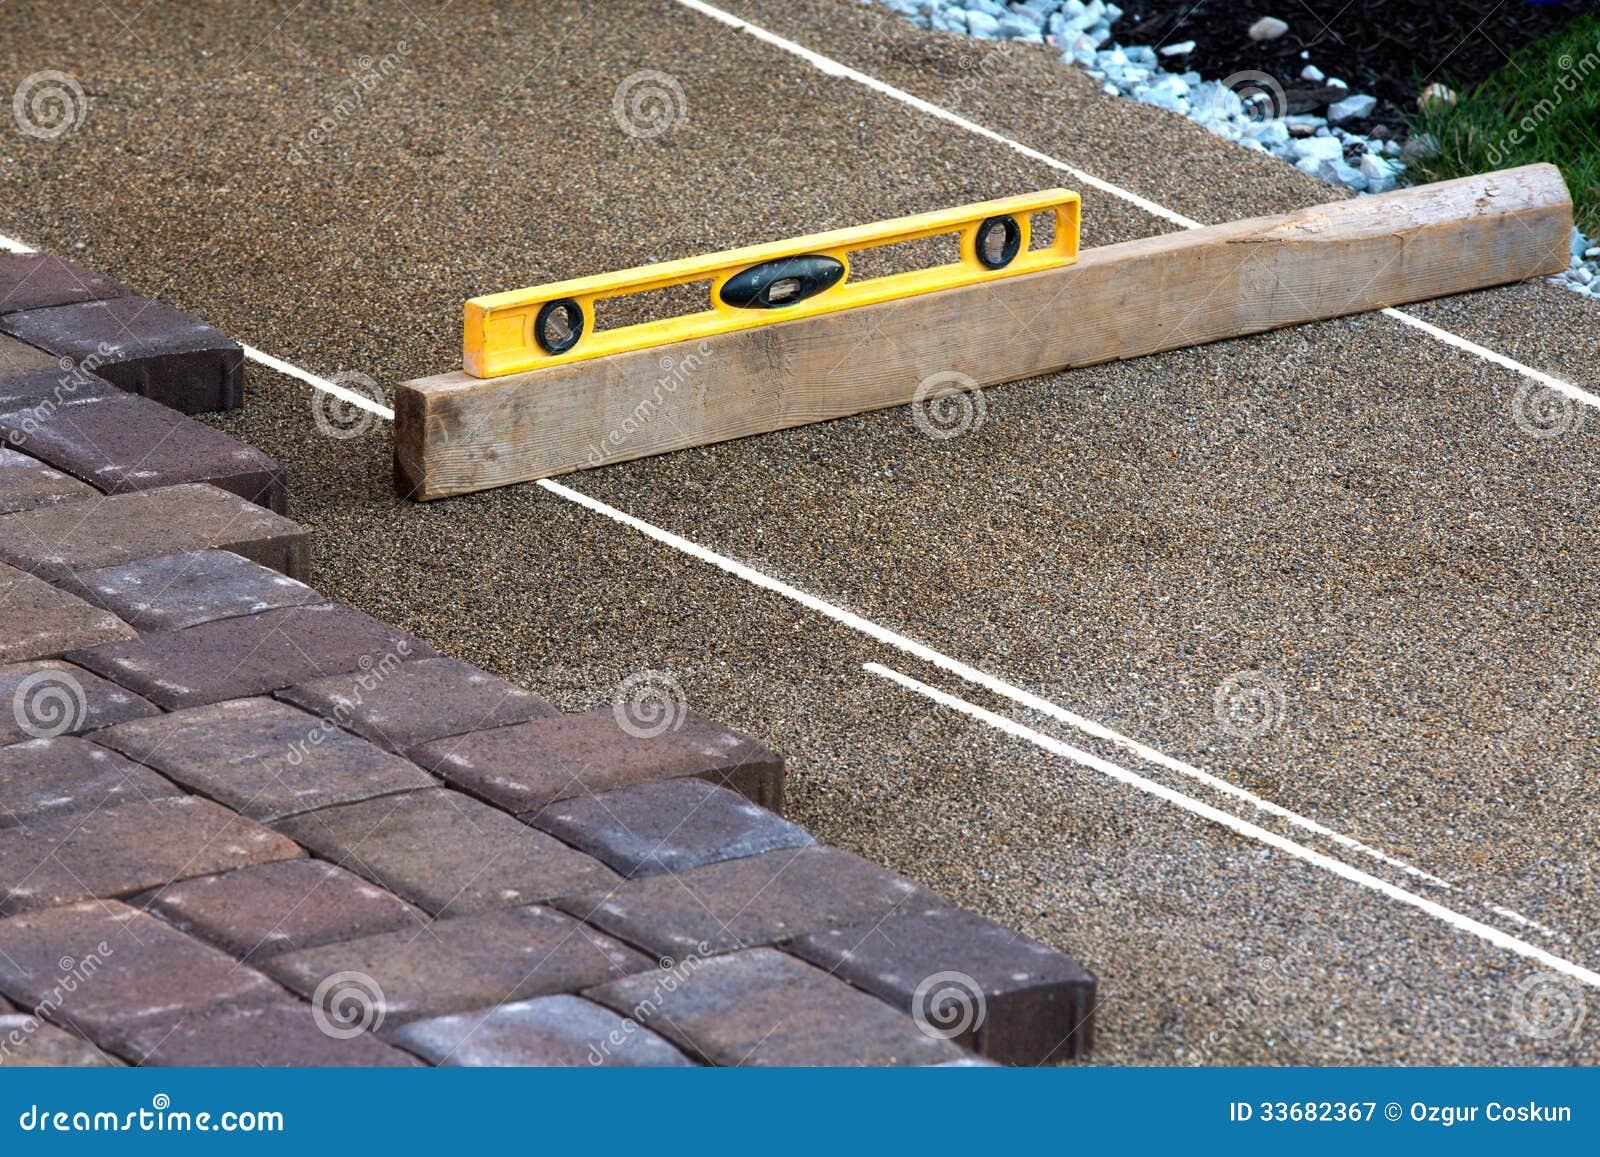 Укладка тротуарной плитки своими руками: пошаговый